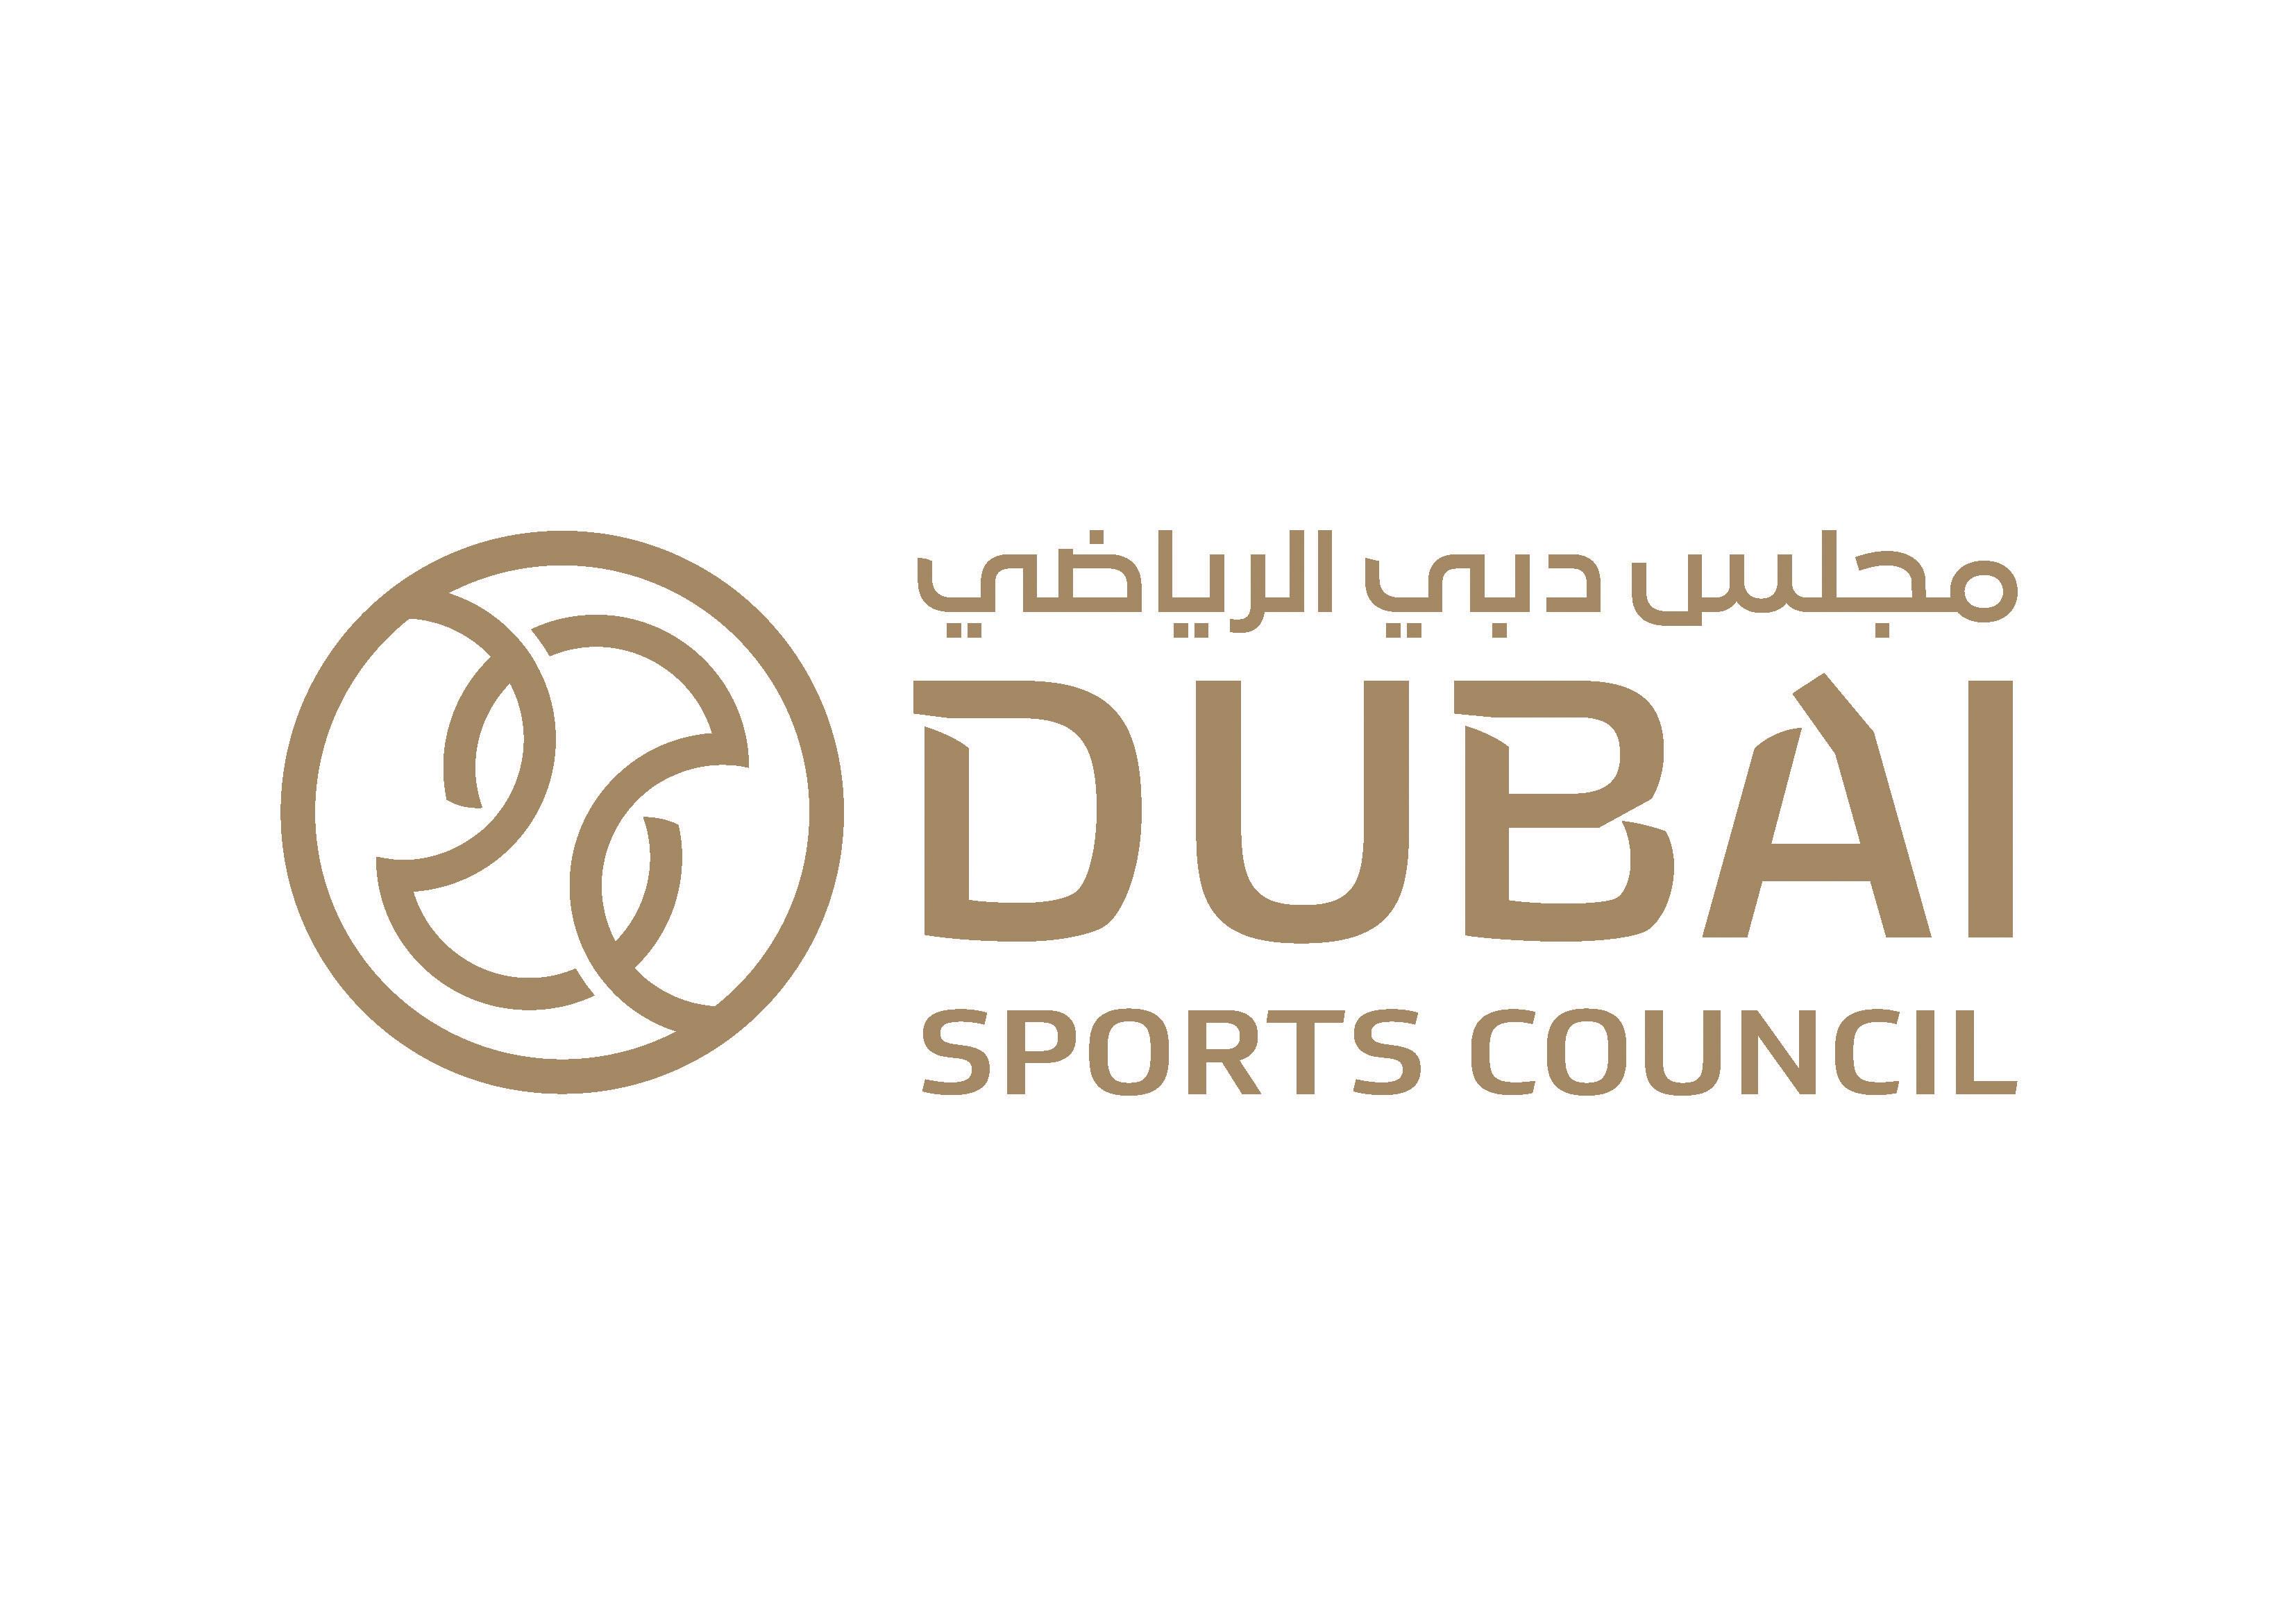 إغلاق منشأة رياضية في دبي لمدة شهر لعدم التزامها بالتدابير الاحترازية